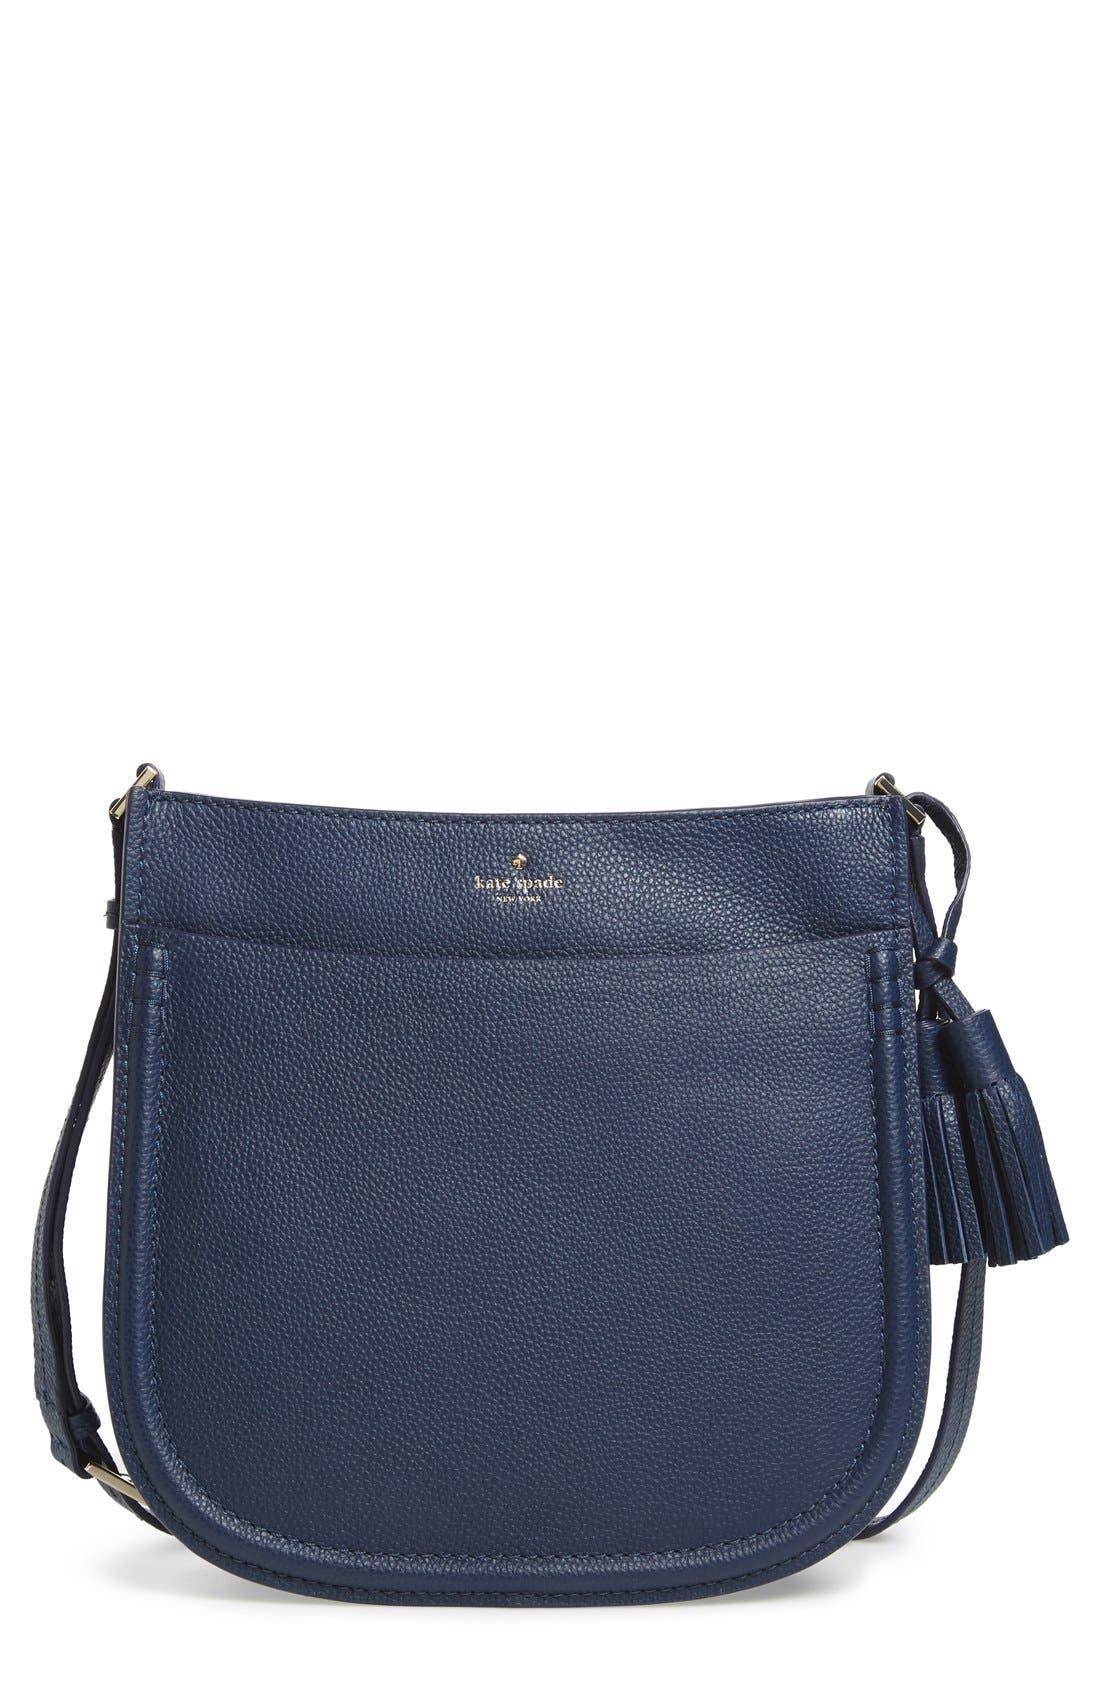 Alternate Image 1 Selected - kate spade new york 'orchard street - hemsley' leather shoulder bag